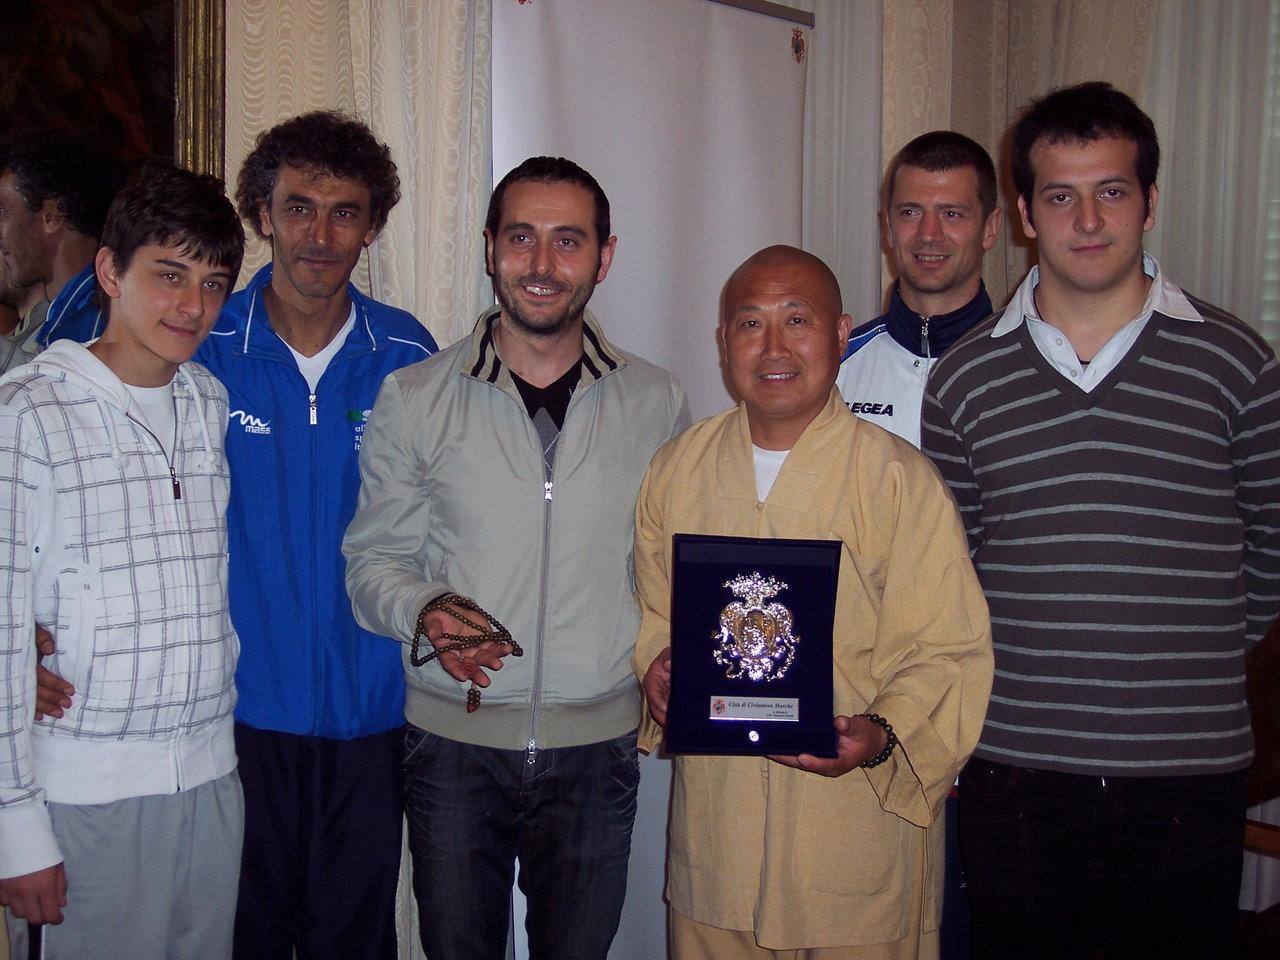 maestro-shaolin